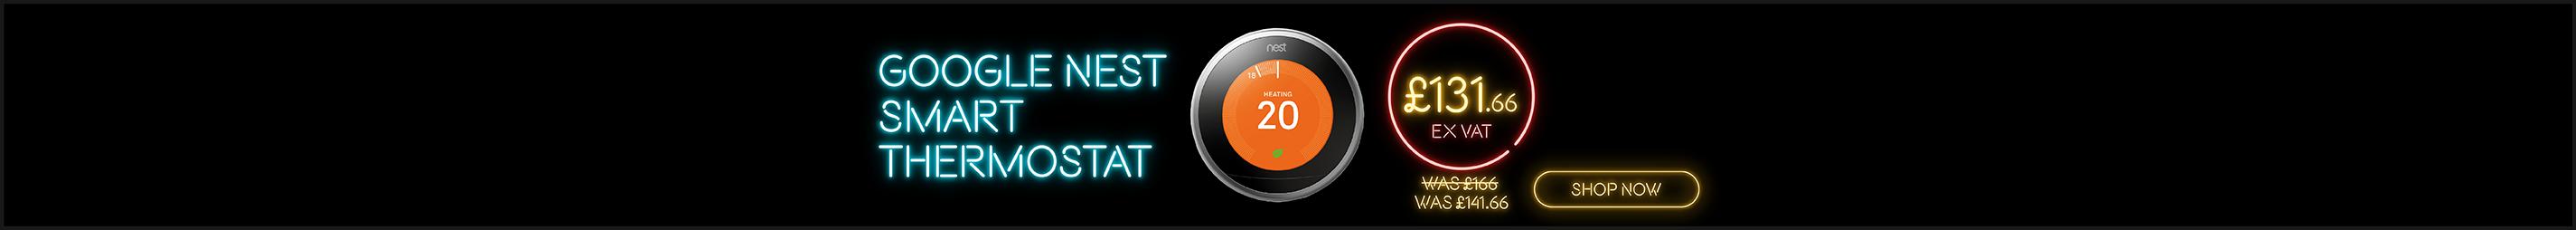 Save on Google Nest Thermostat